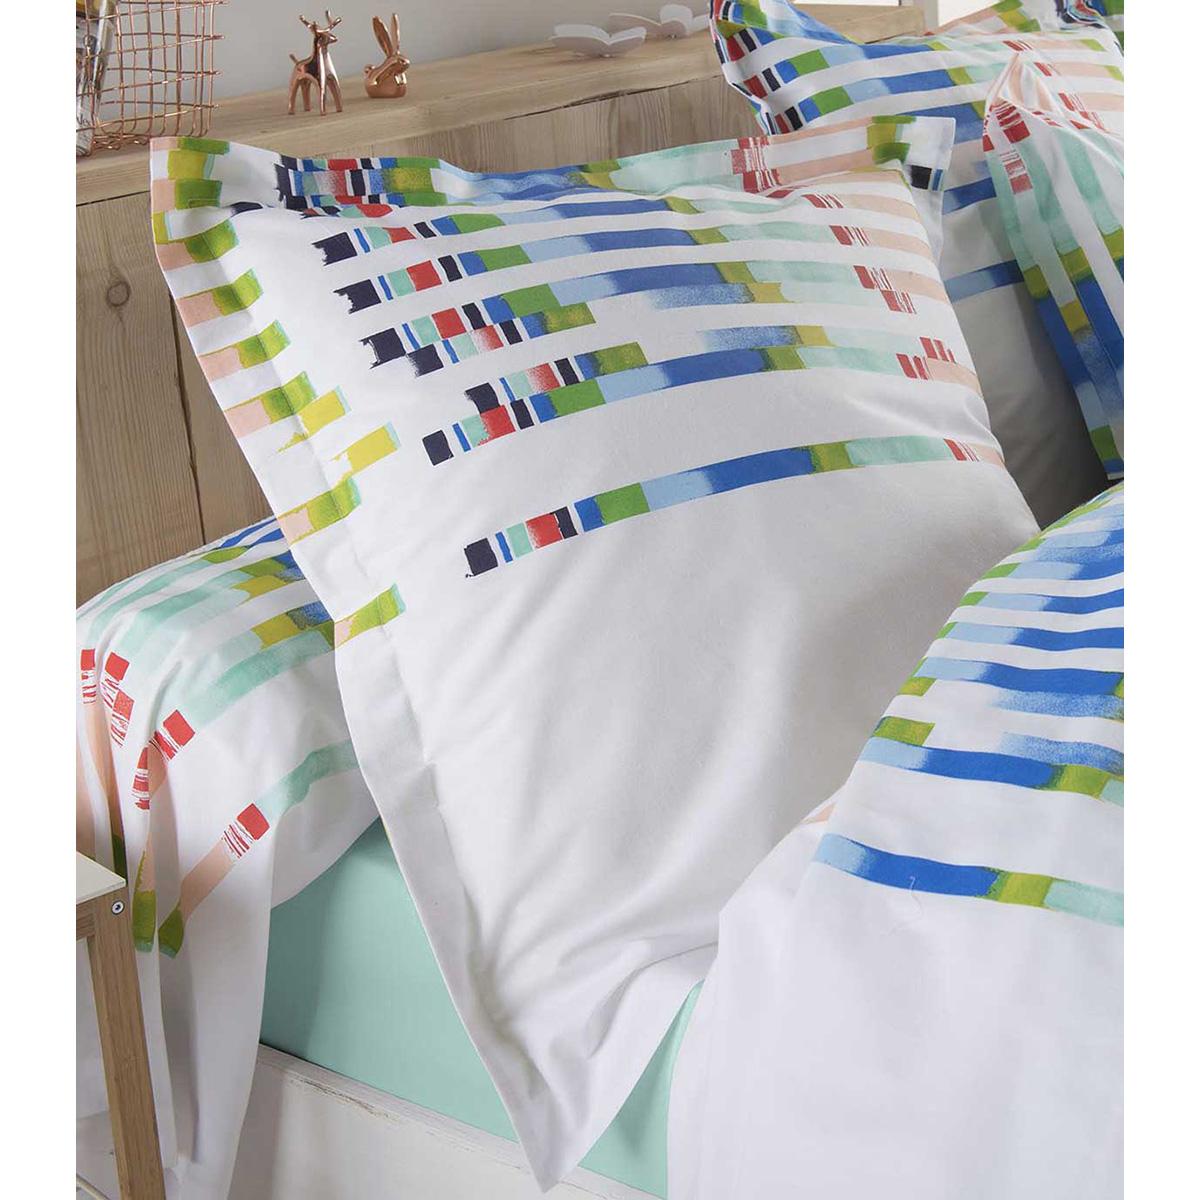 Taie d'oreiller aux rayures colorées et dynamiques (Multico)